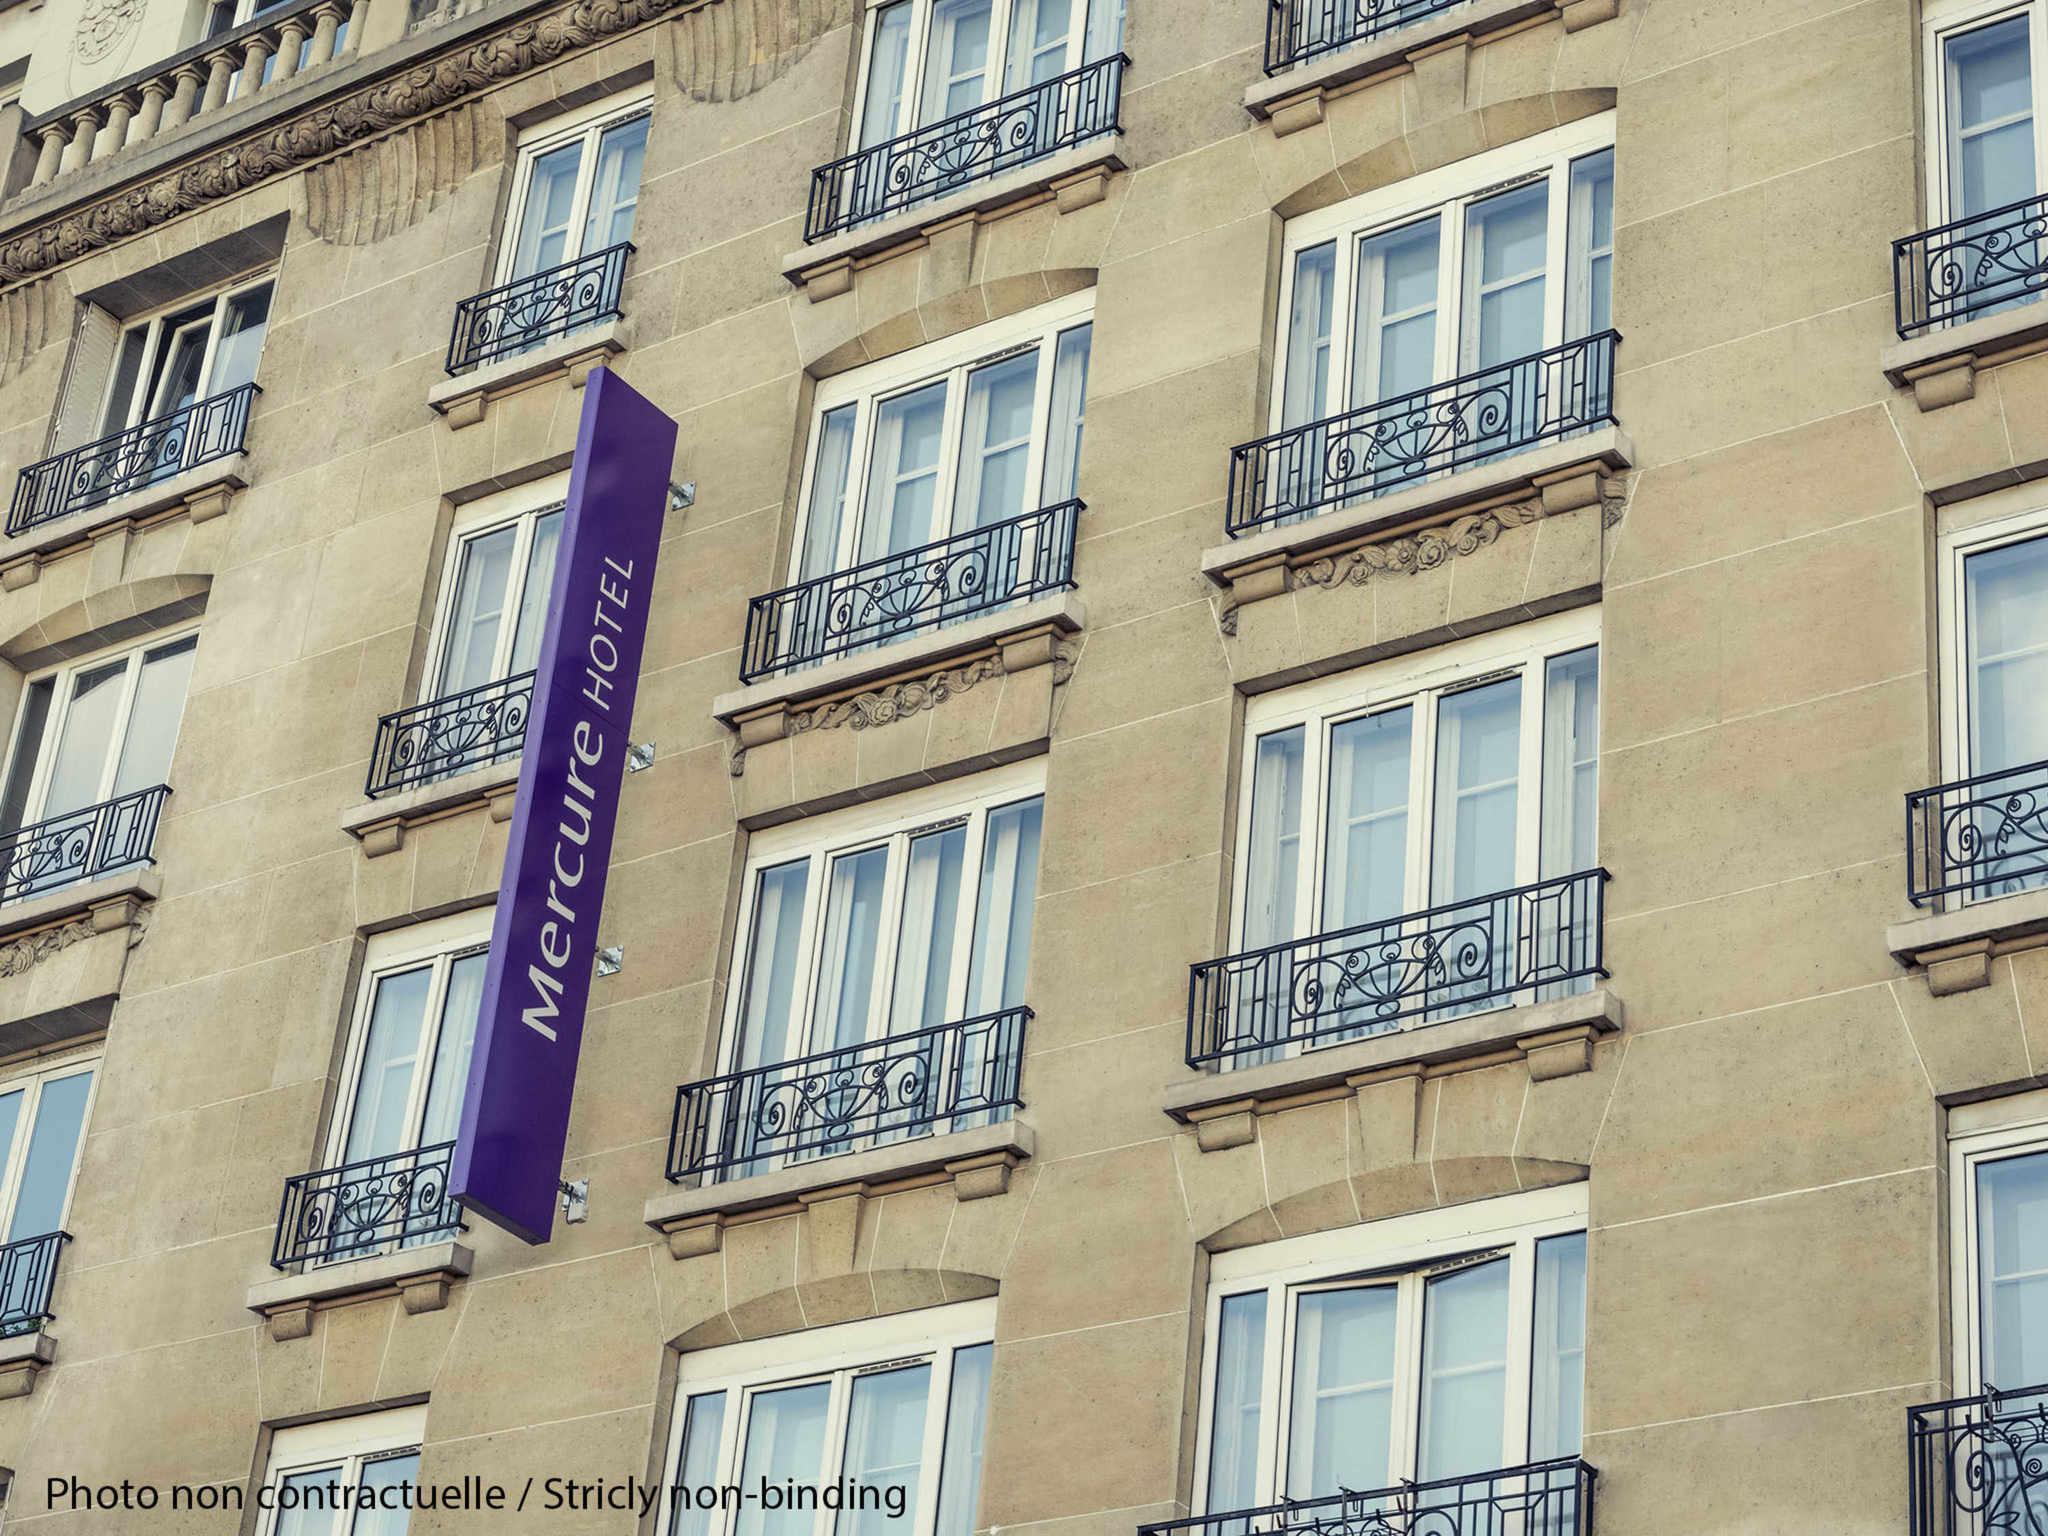 โรงแรม – เมอร์เคียว สลังงอร์ เซลายาง